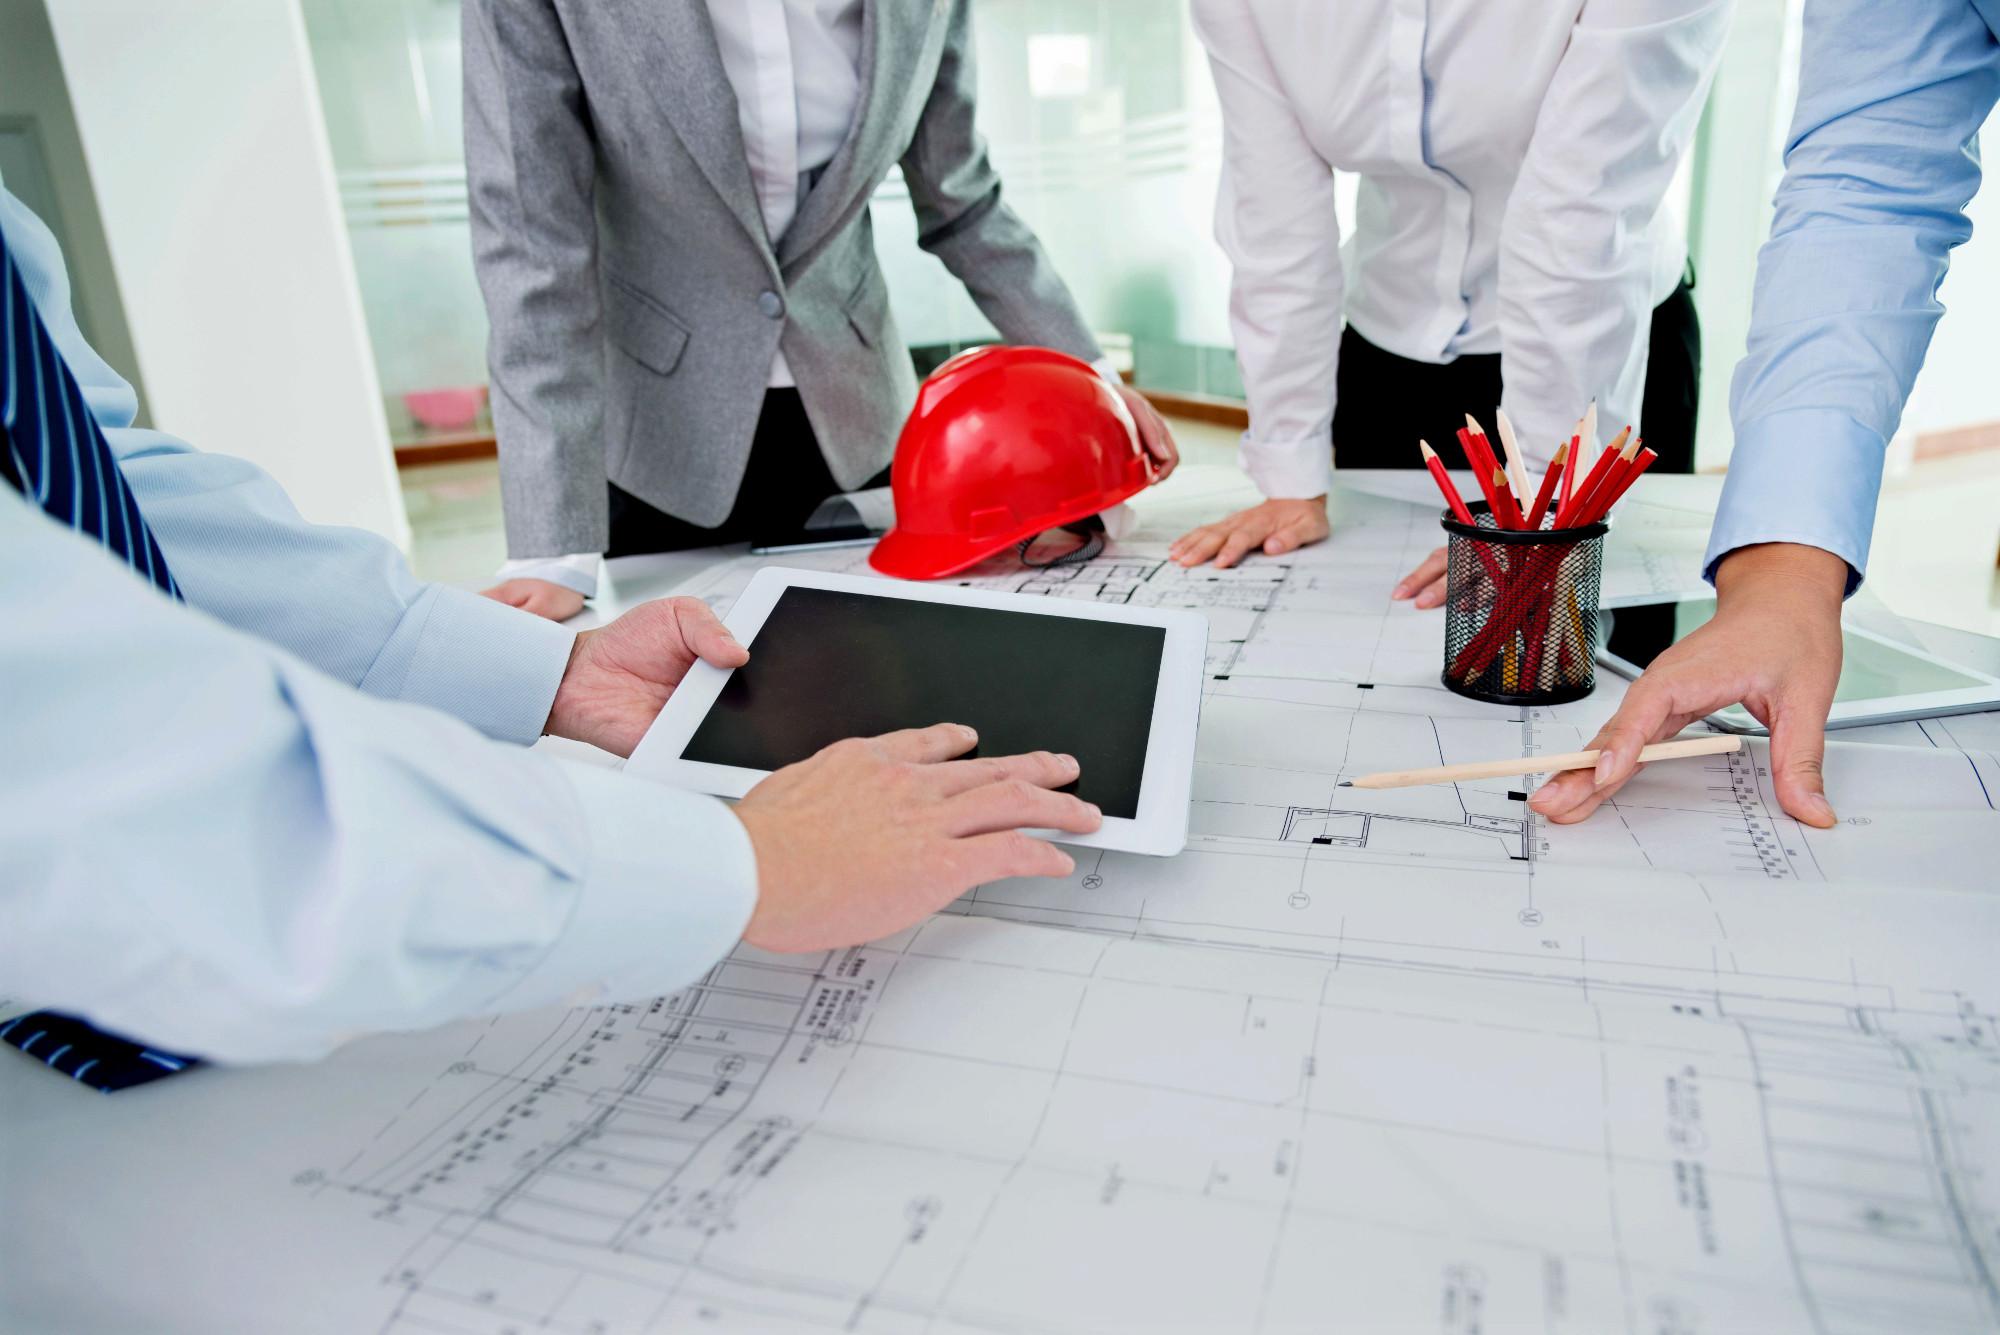 Eine Gruppe von Architekten plant die Raumaufteilung